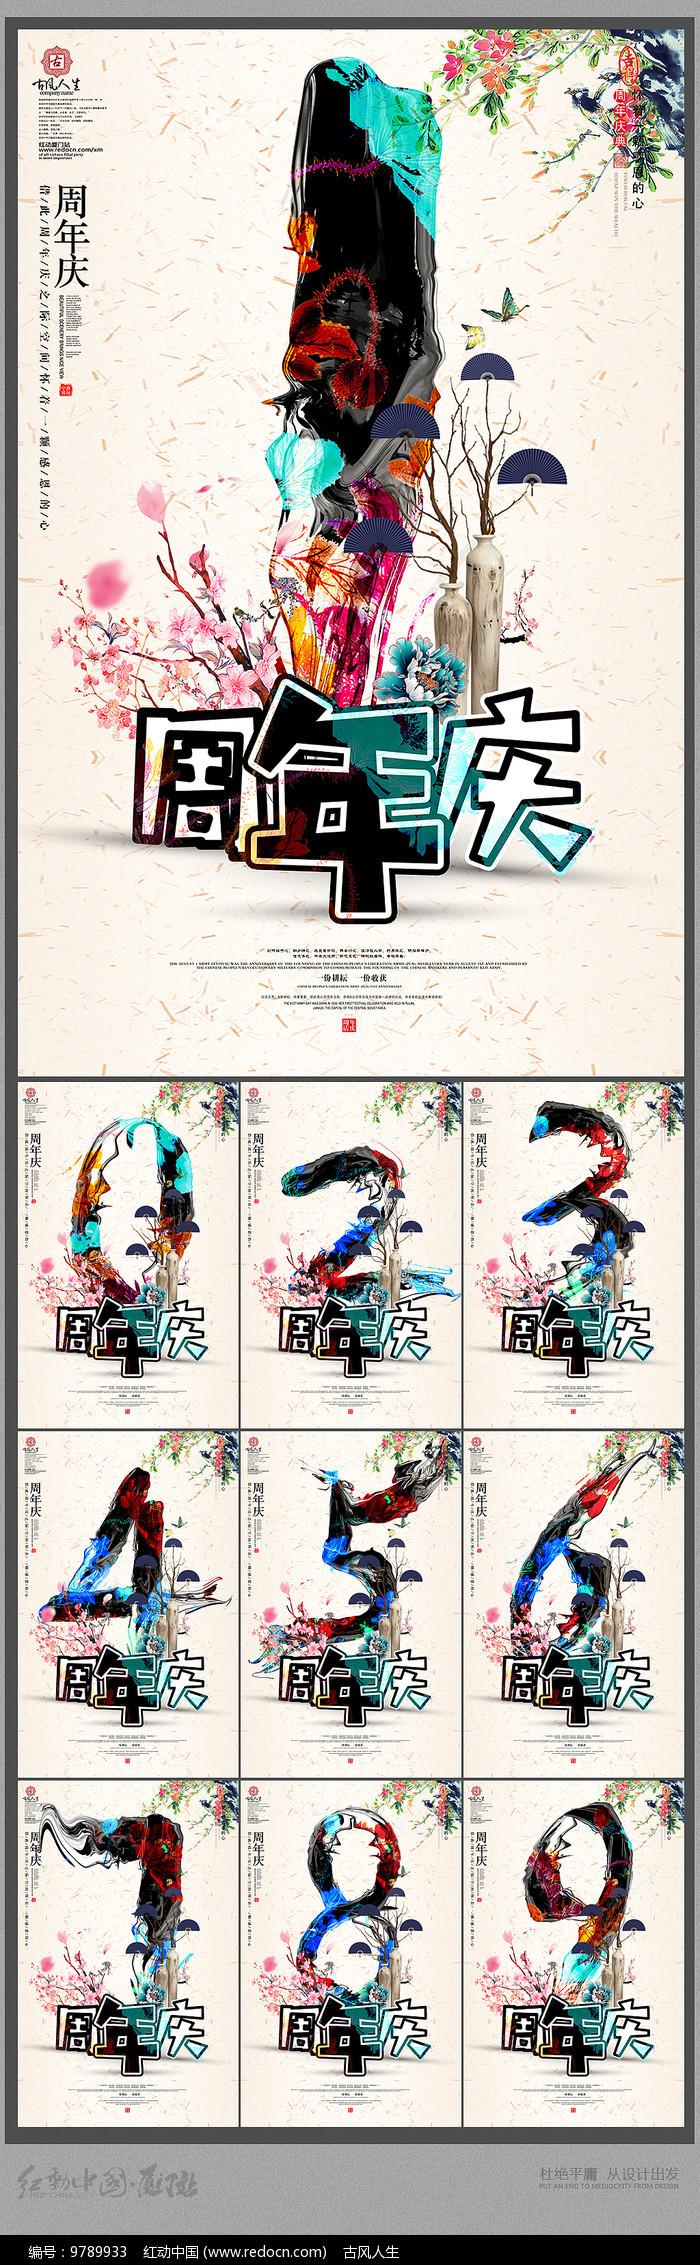 中国风创意周年庆海报图片